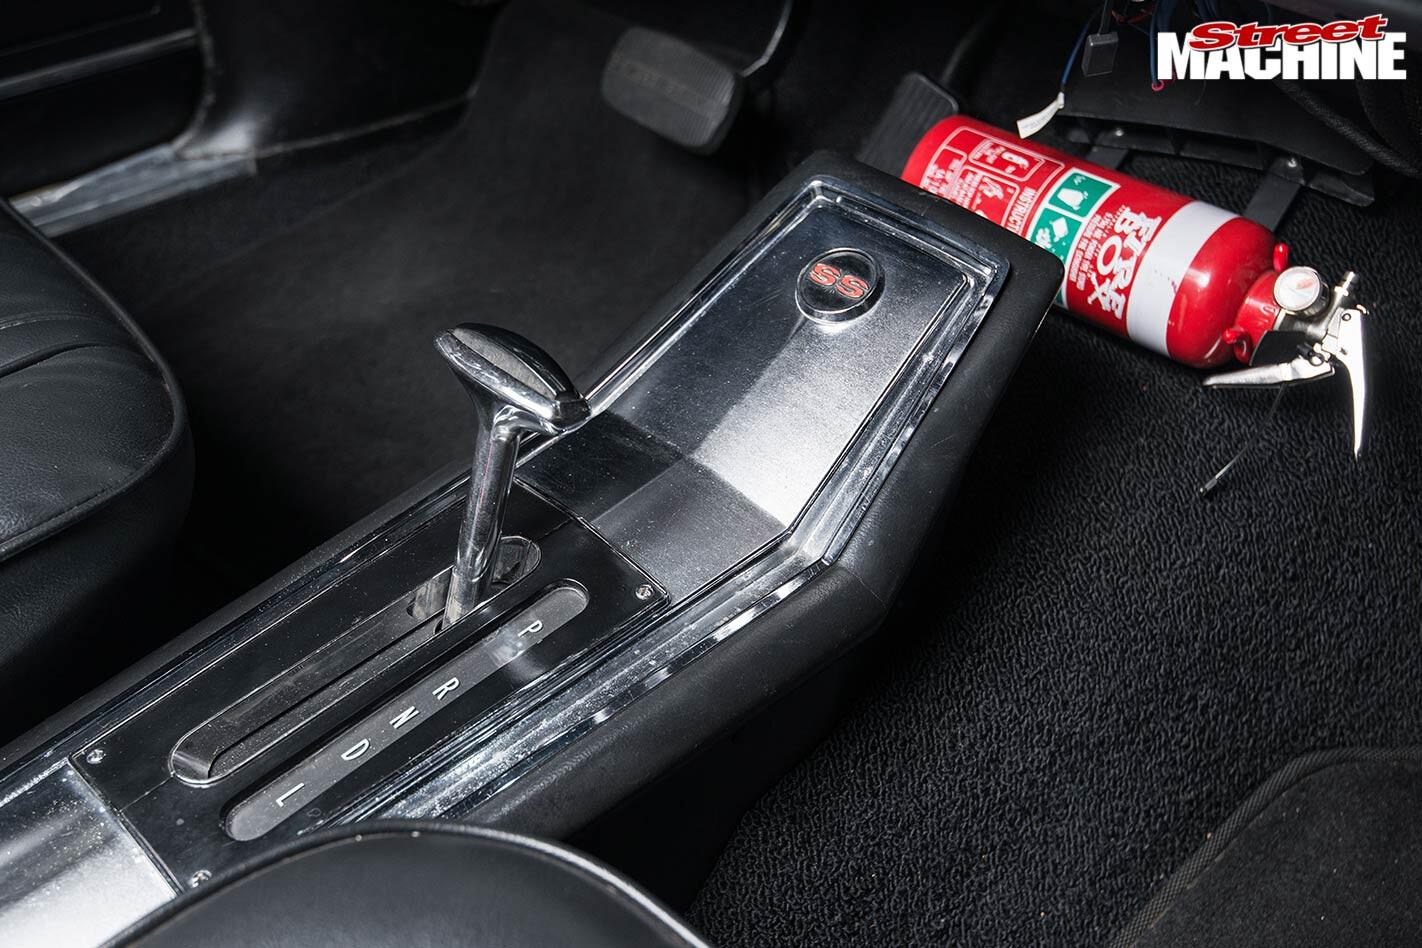 Chevy Nova console